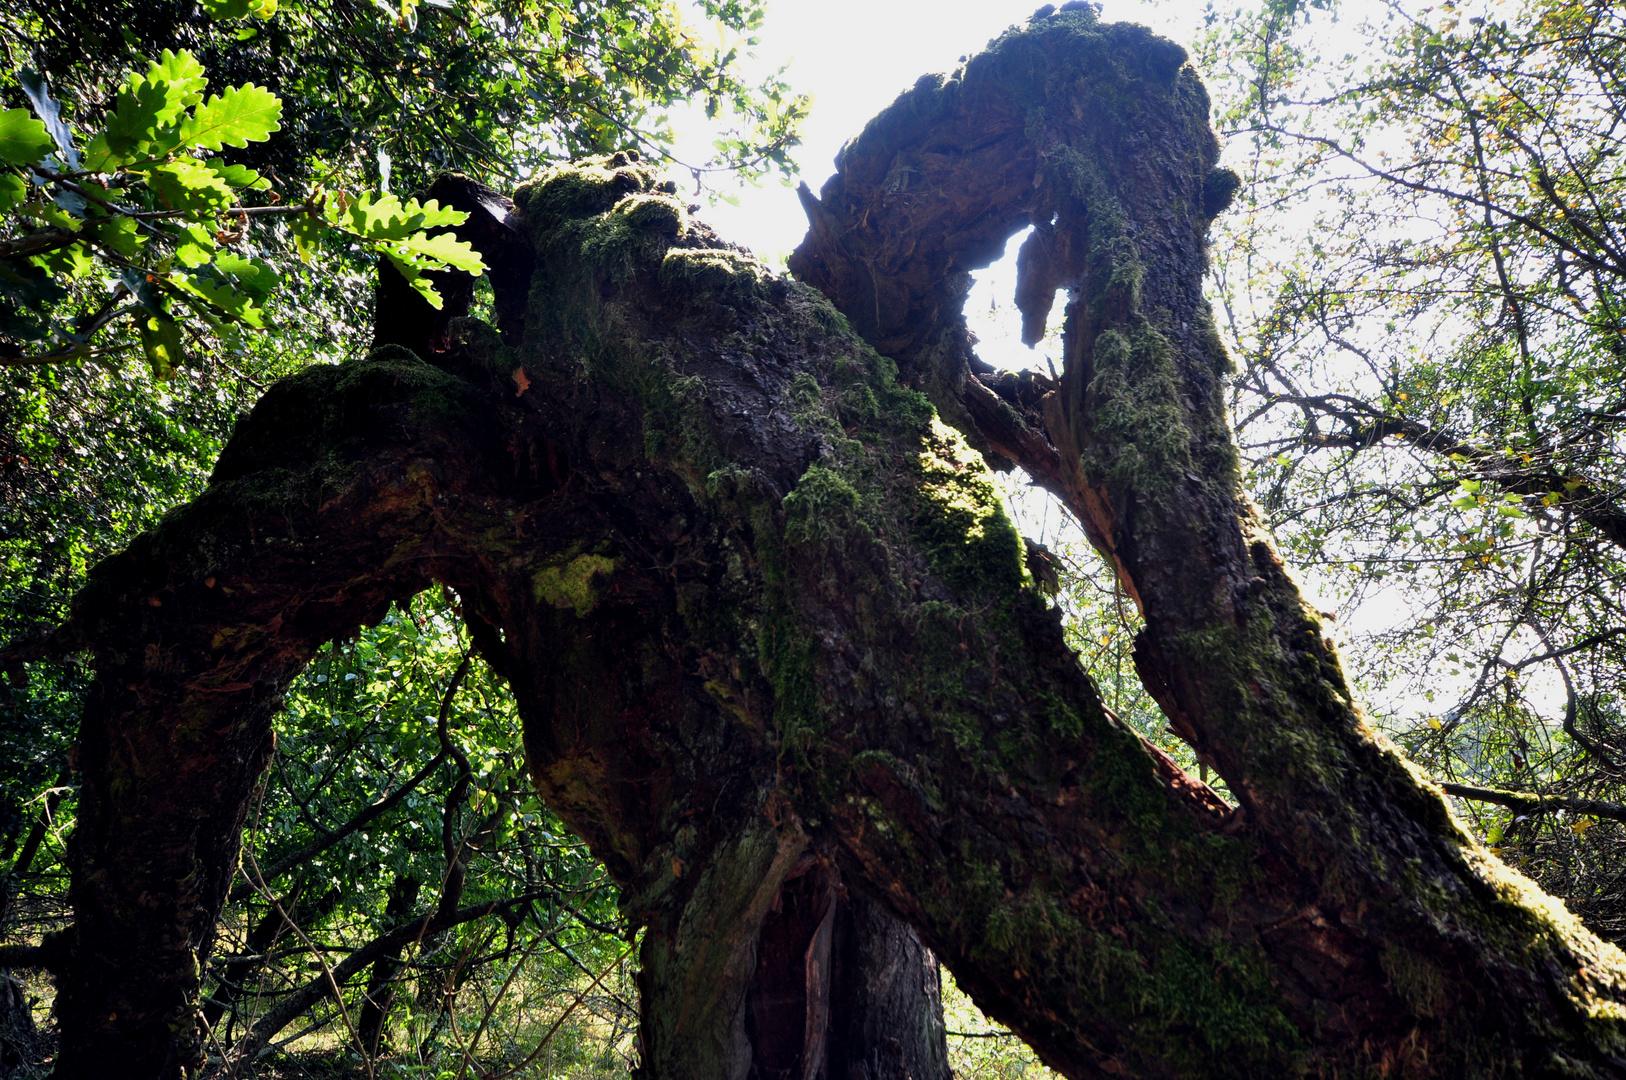 Karstwanderweg 101 Baum mit Lebenswillen